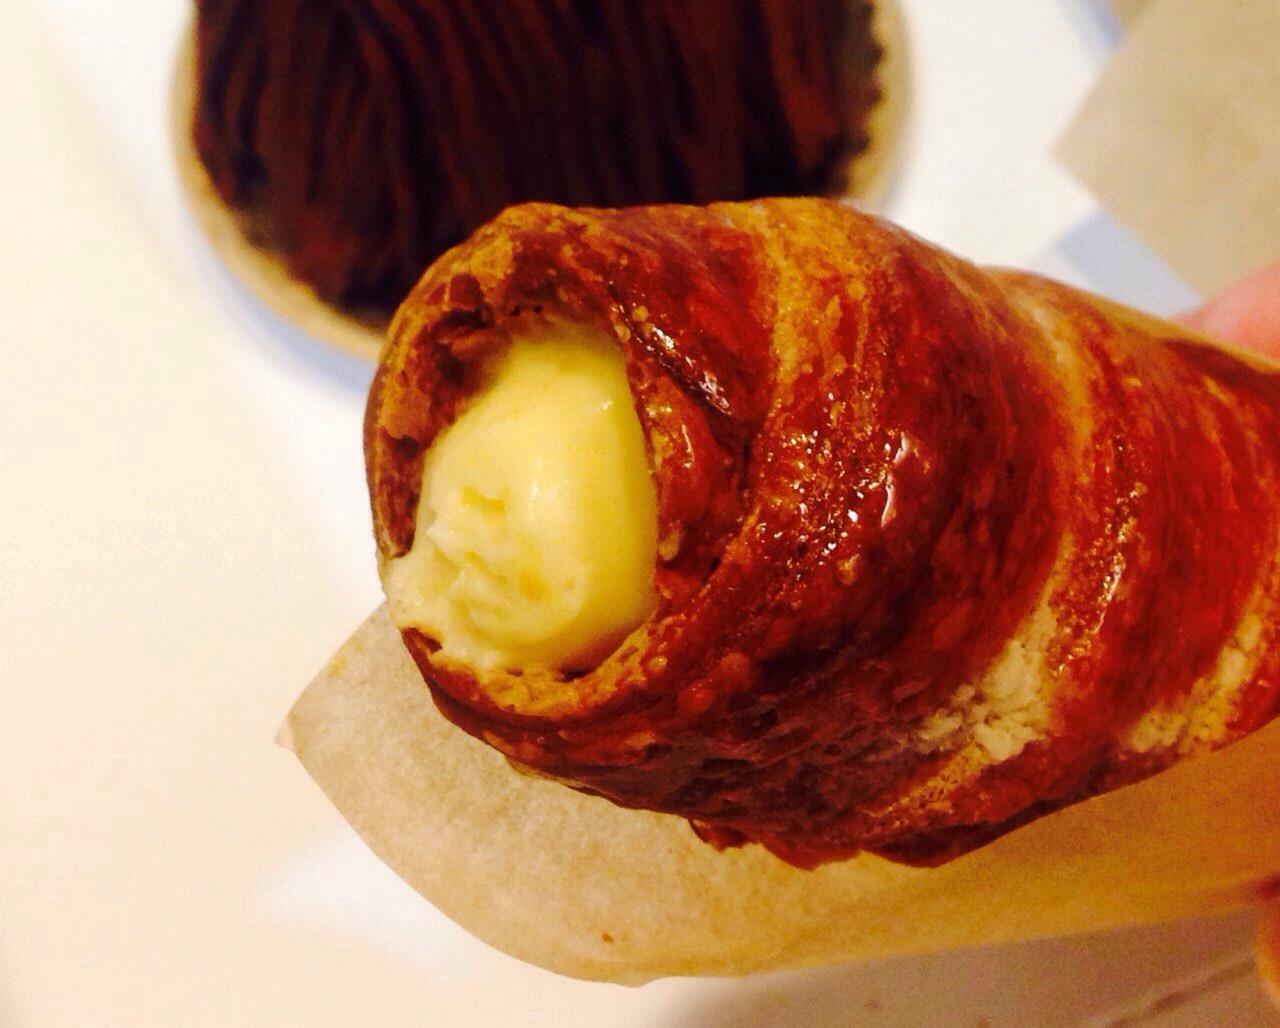 【岡山の手土産】アンフルールの「蒜山ジャージーコルネ」注文後にクリームを詰めるこだわりの逸品